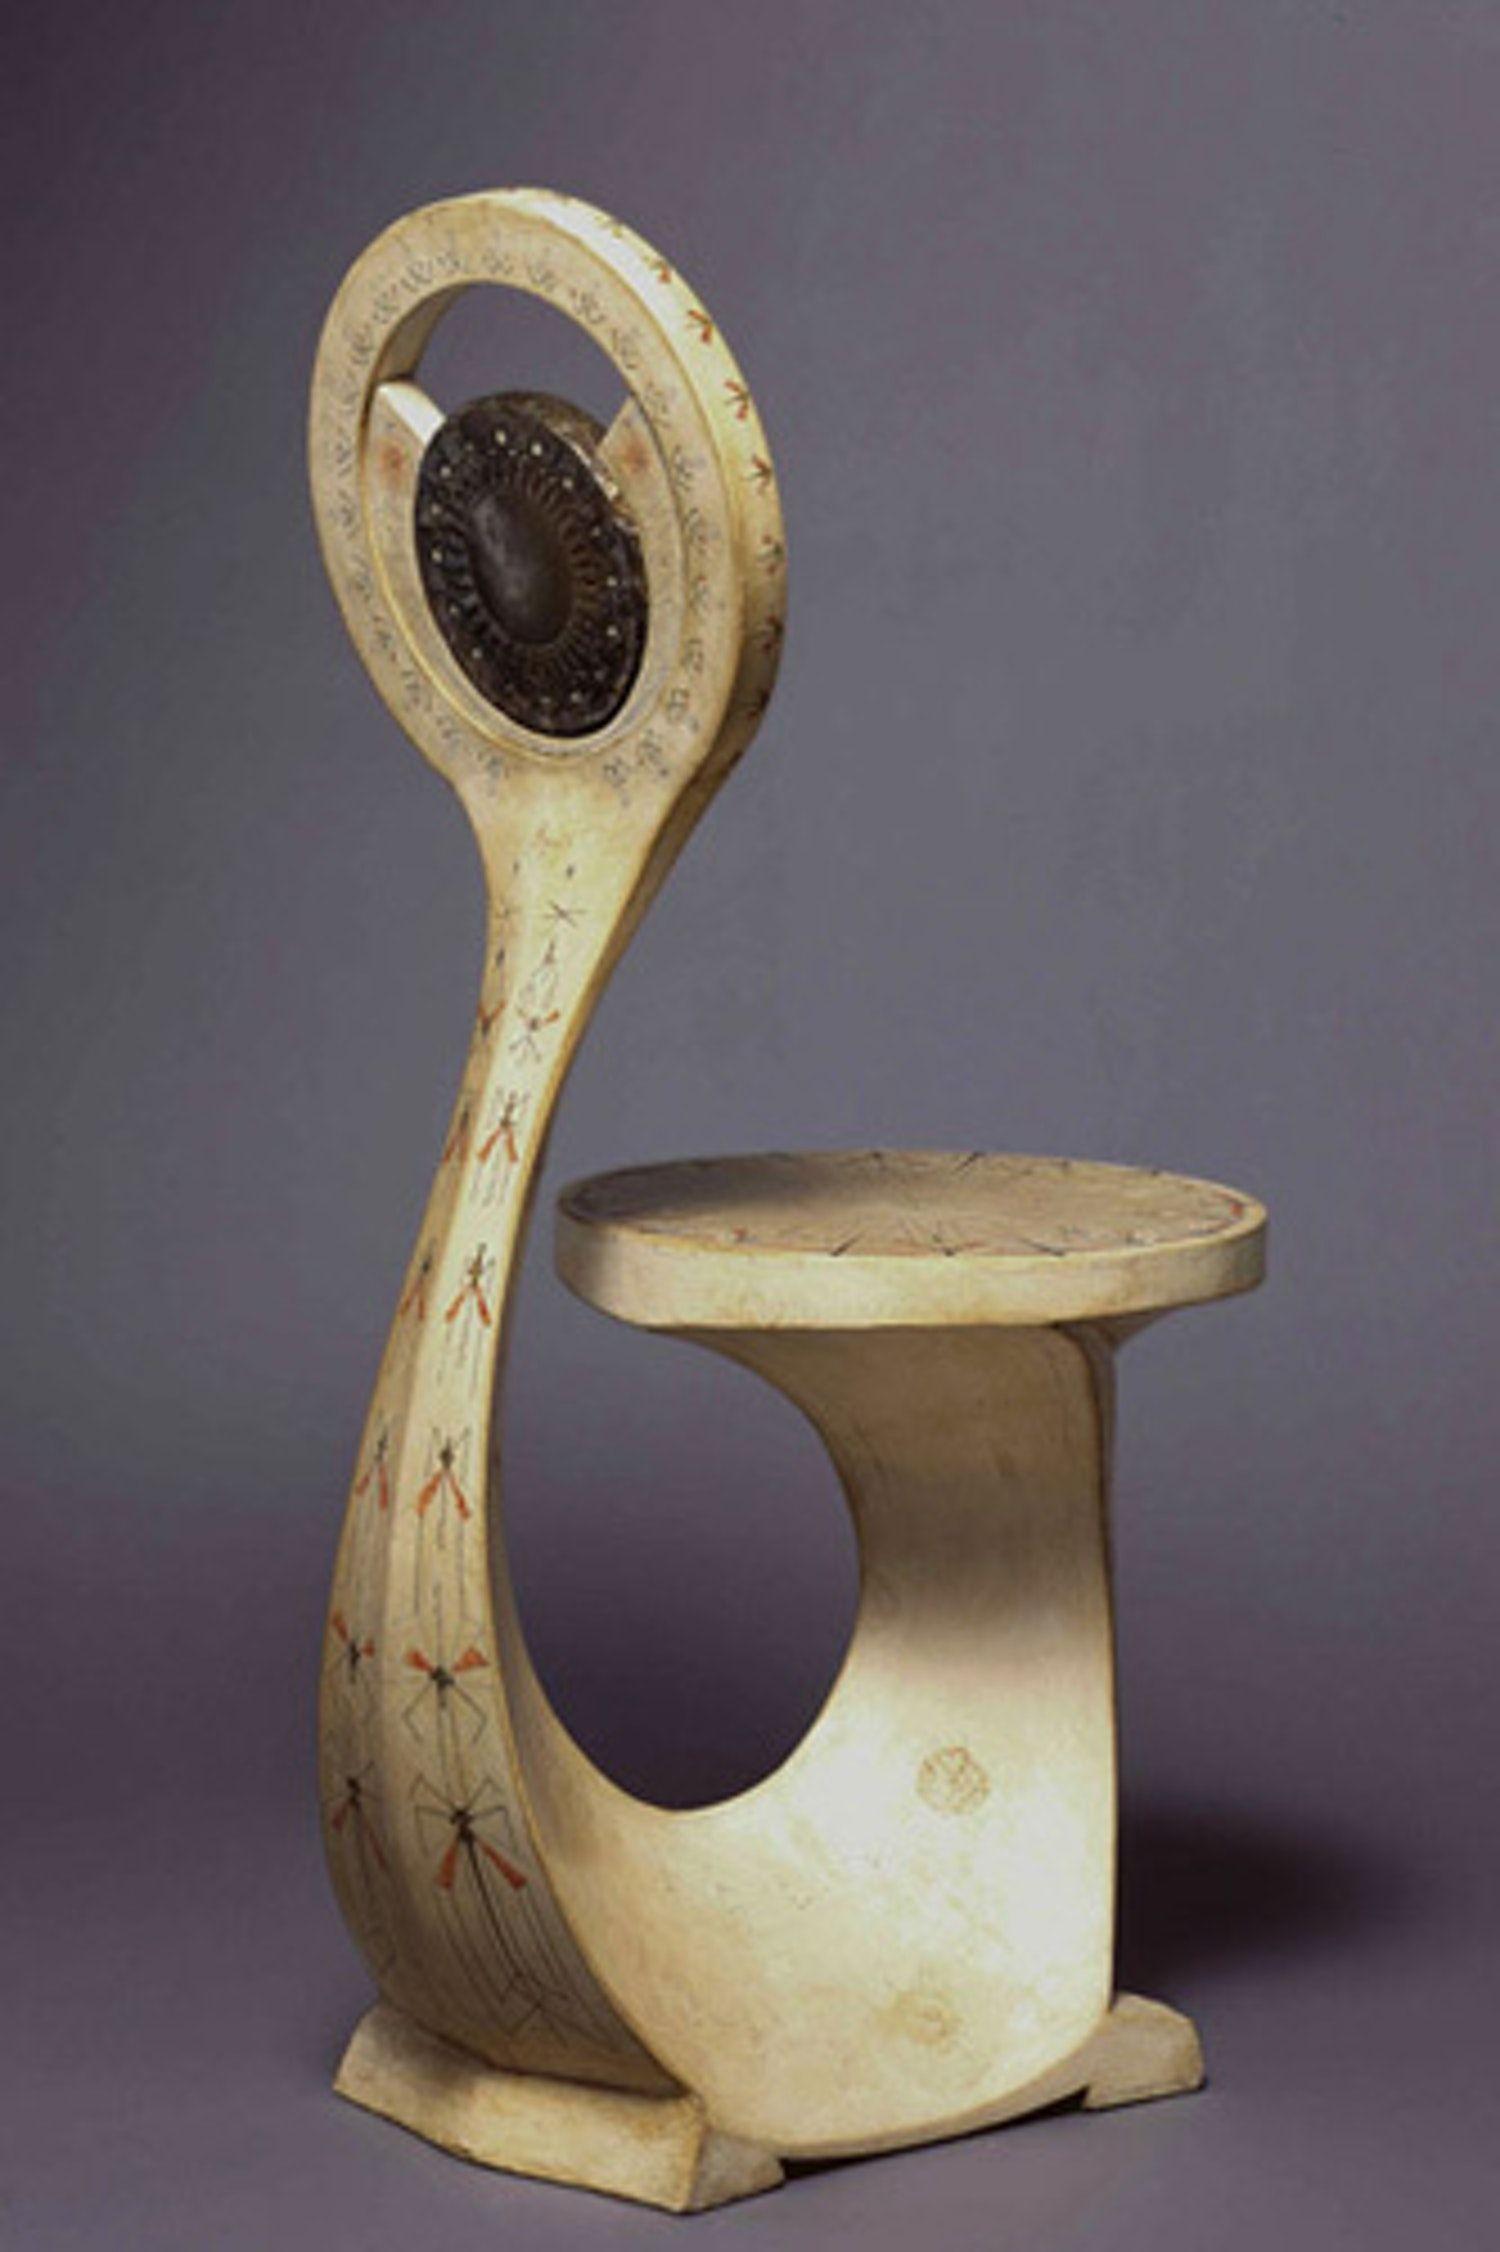 Carlo Bugatti: Furniture As Futuristic Sculpture U2014 Retrospect